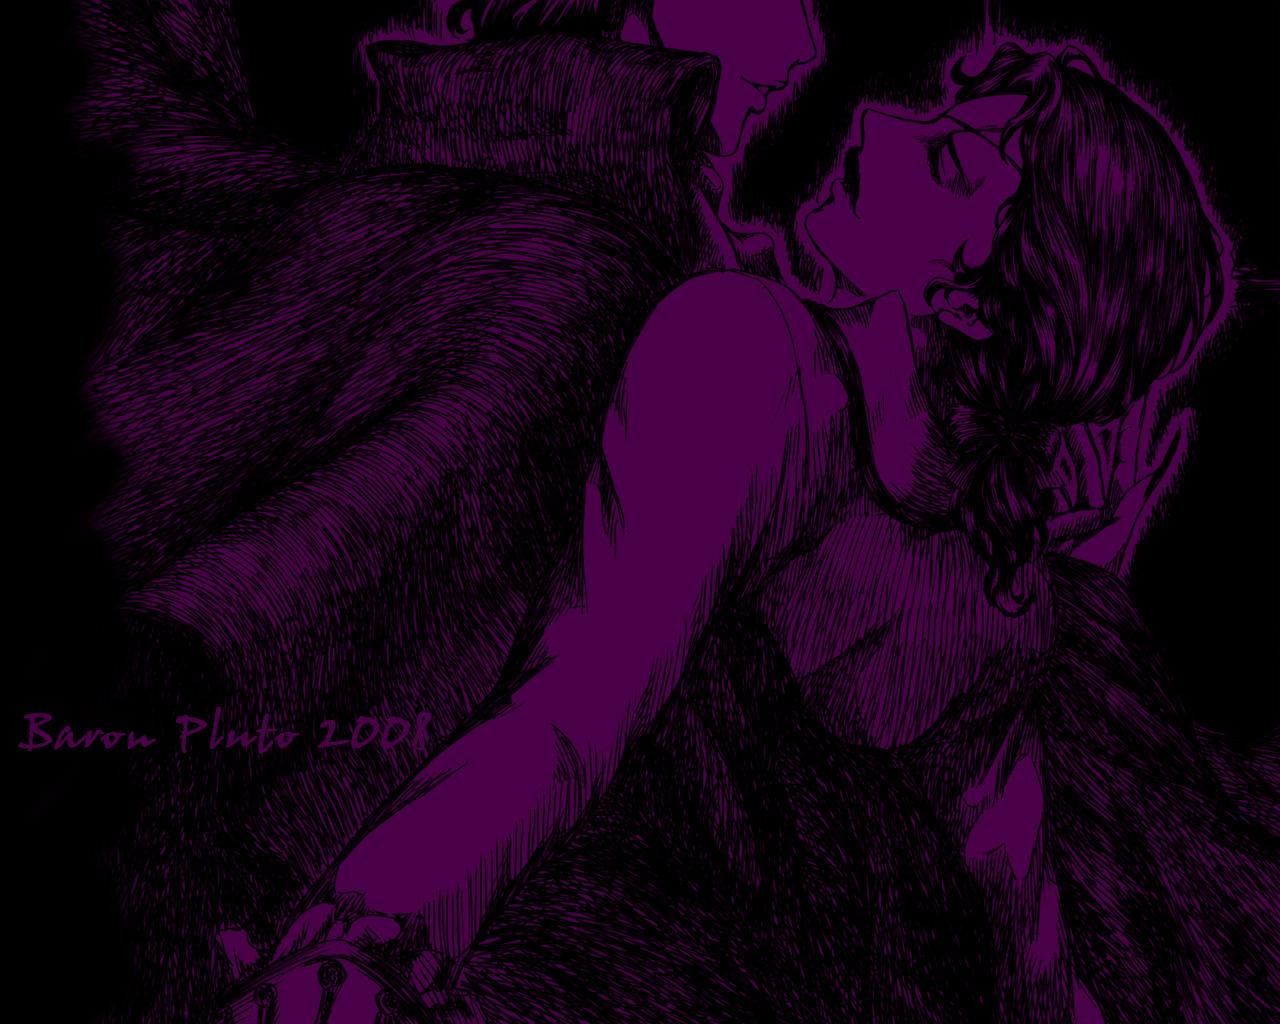 Orlok & Victor|歐洛克與維特(1280px)